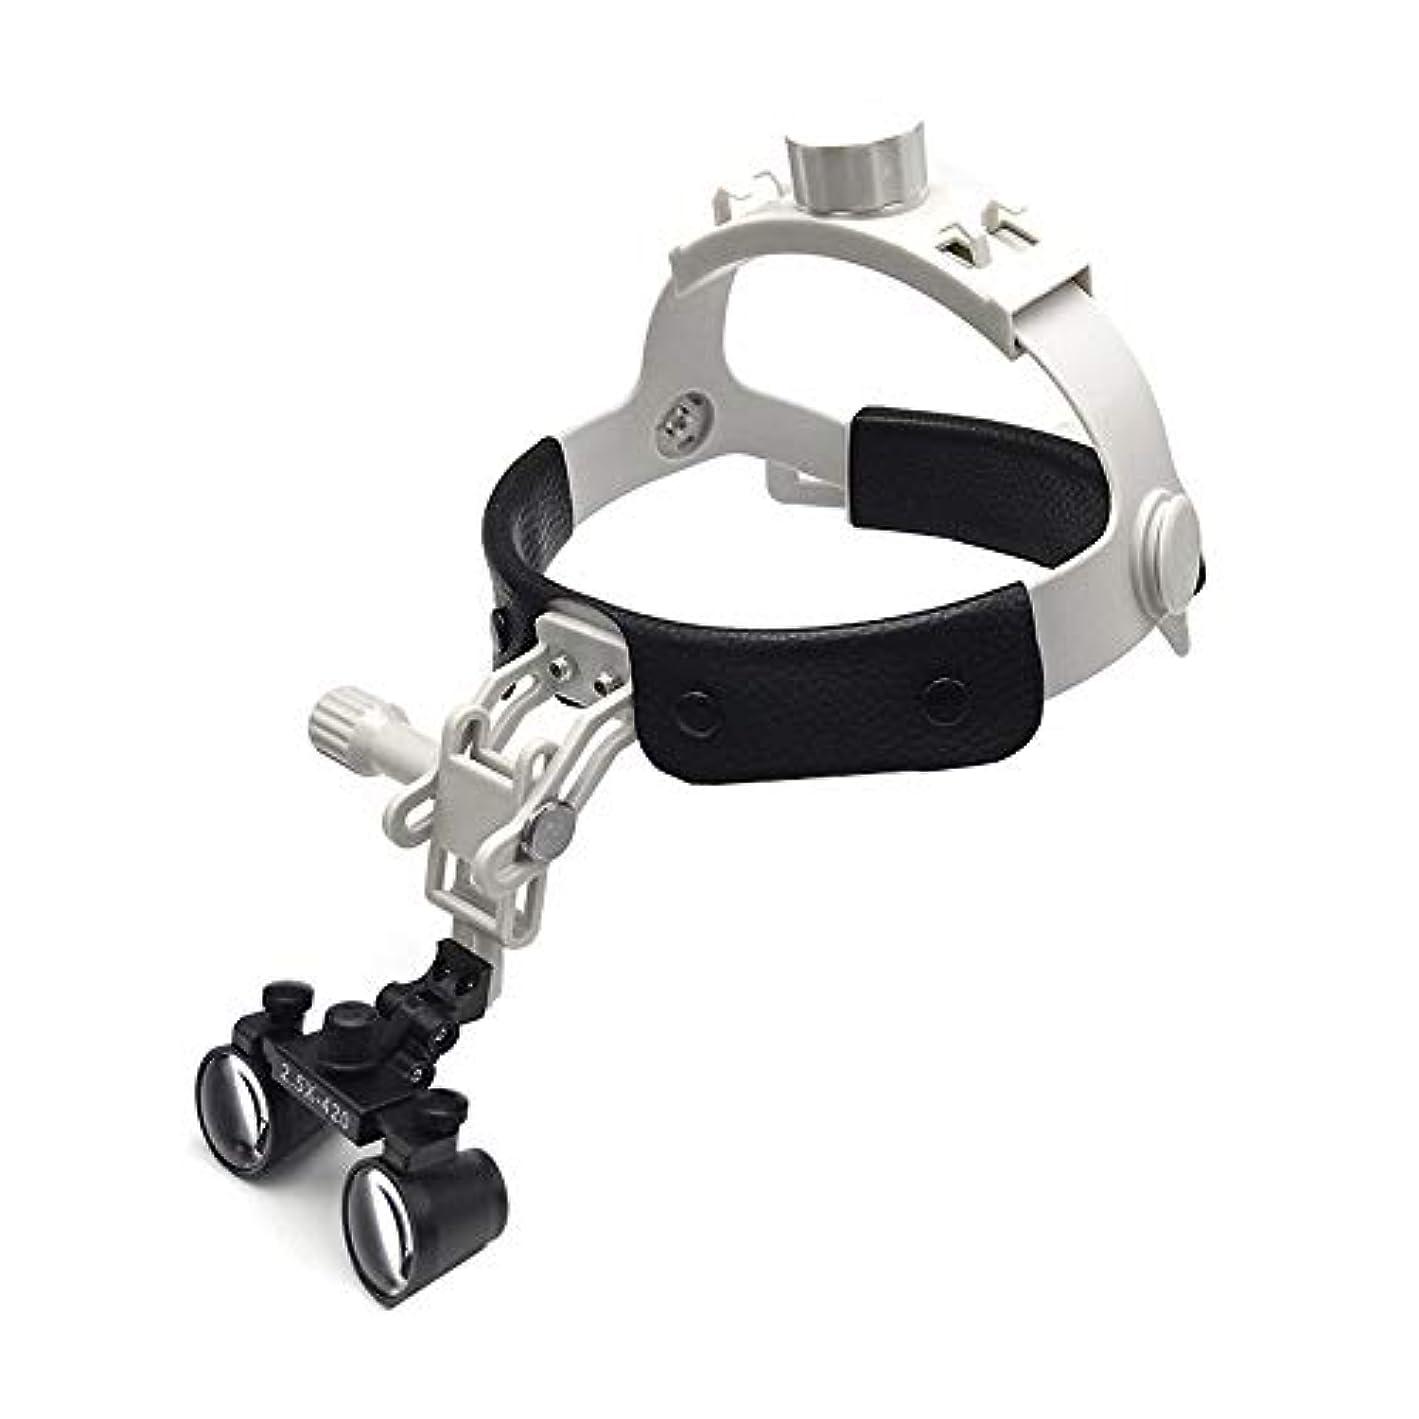 セント縞模様の賭けレザーケアと拡大鏡を身に着けて軽量小型レンズ2.5倍